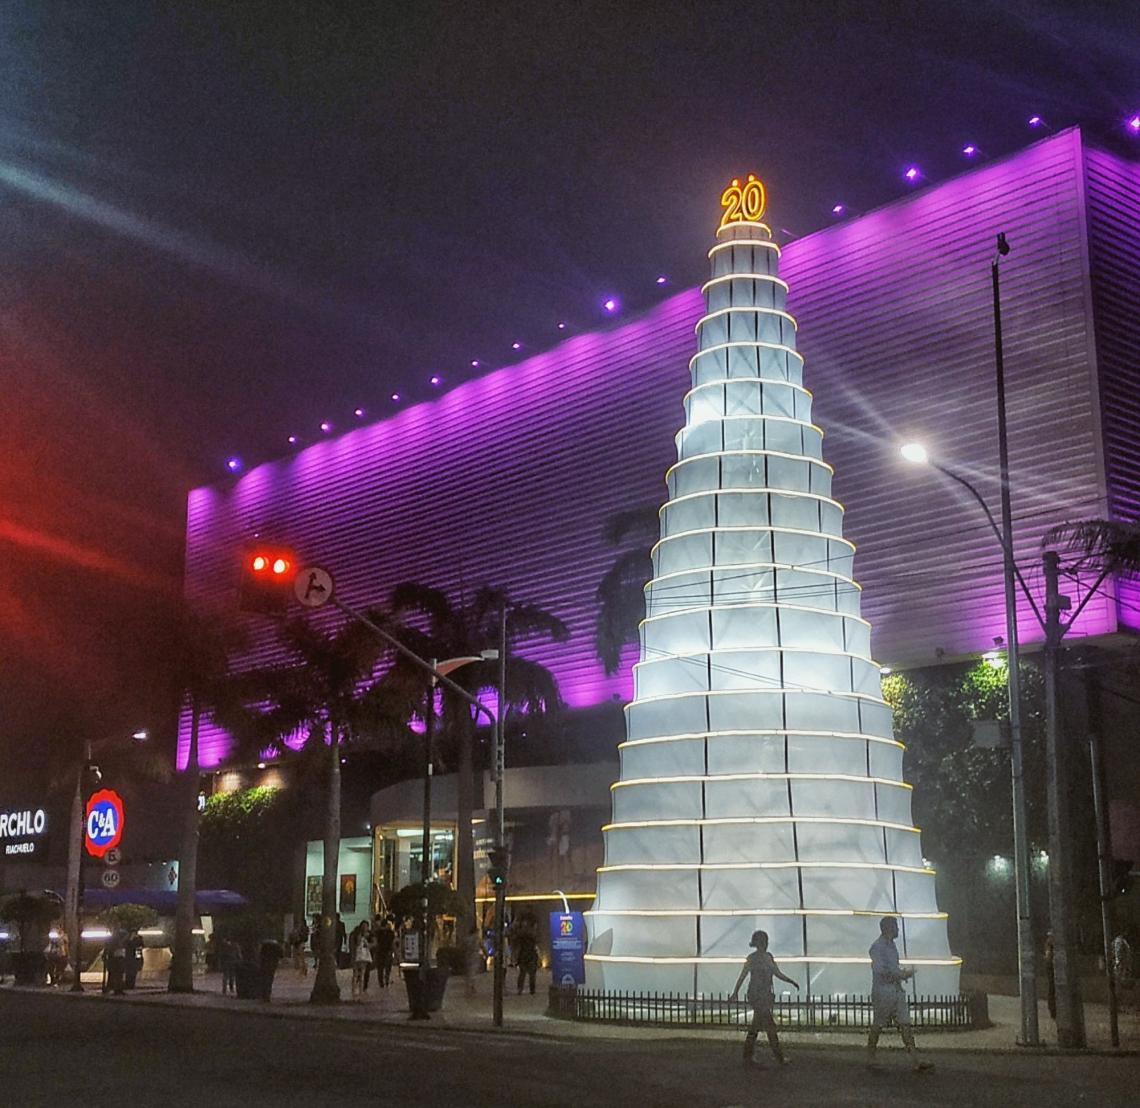 Estrutura de bolo de 20 andares foi montada na entrada do Shopping Benfica